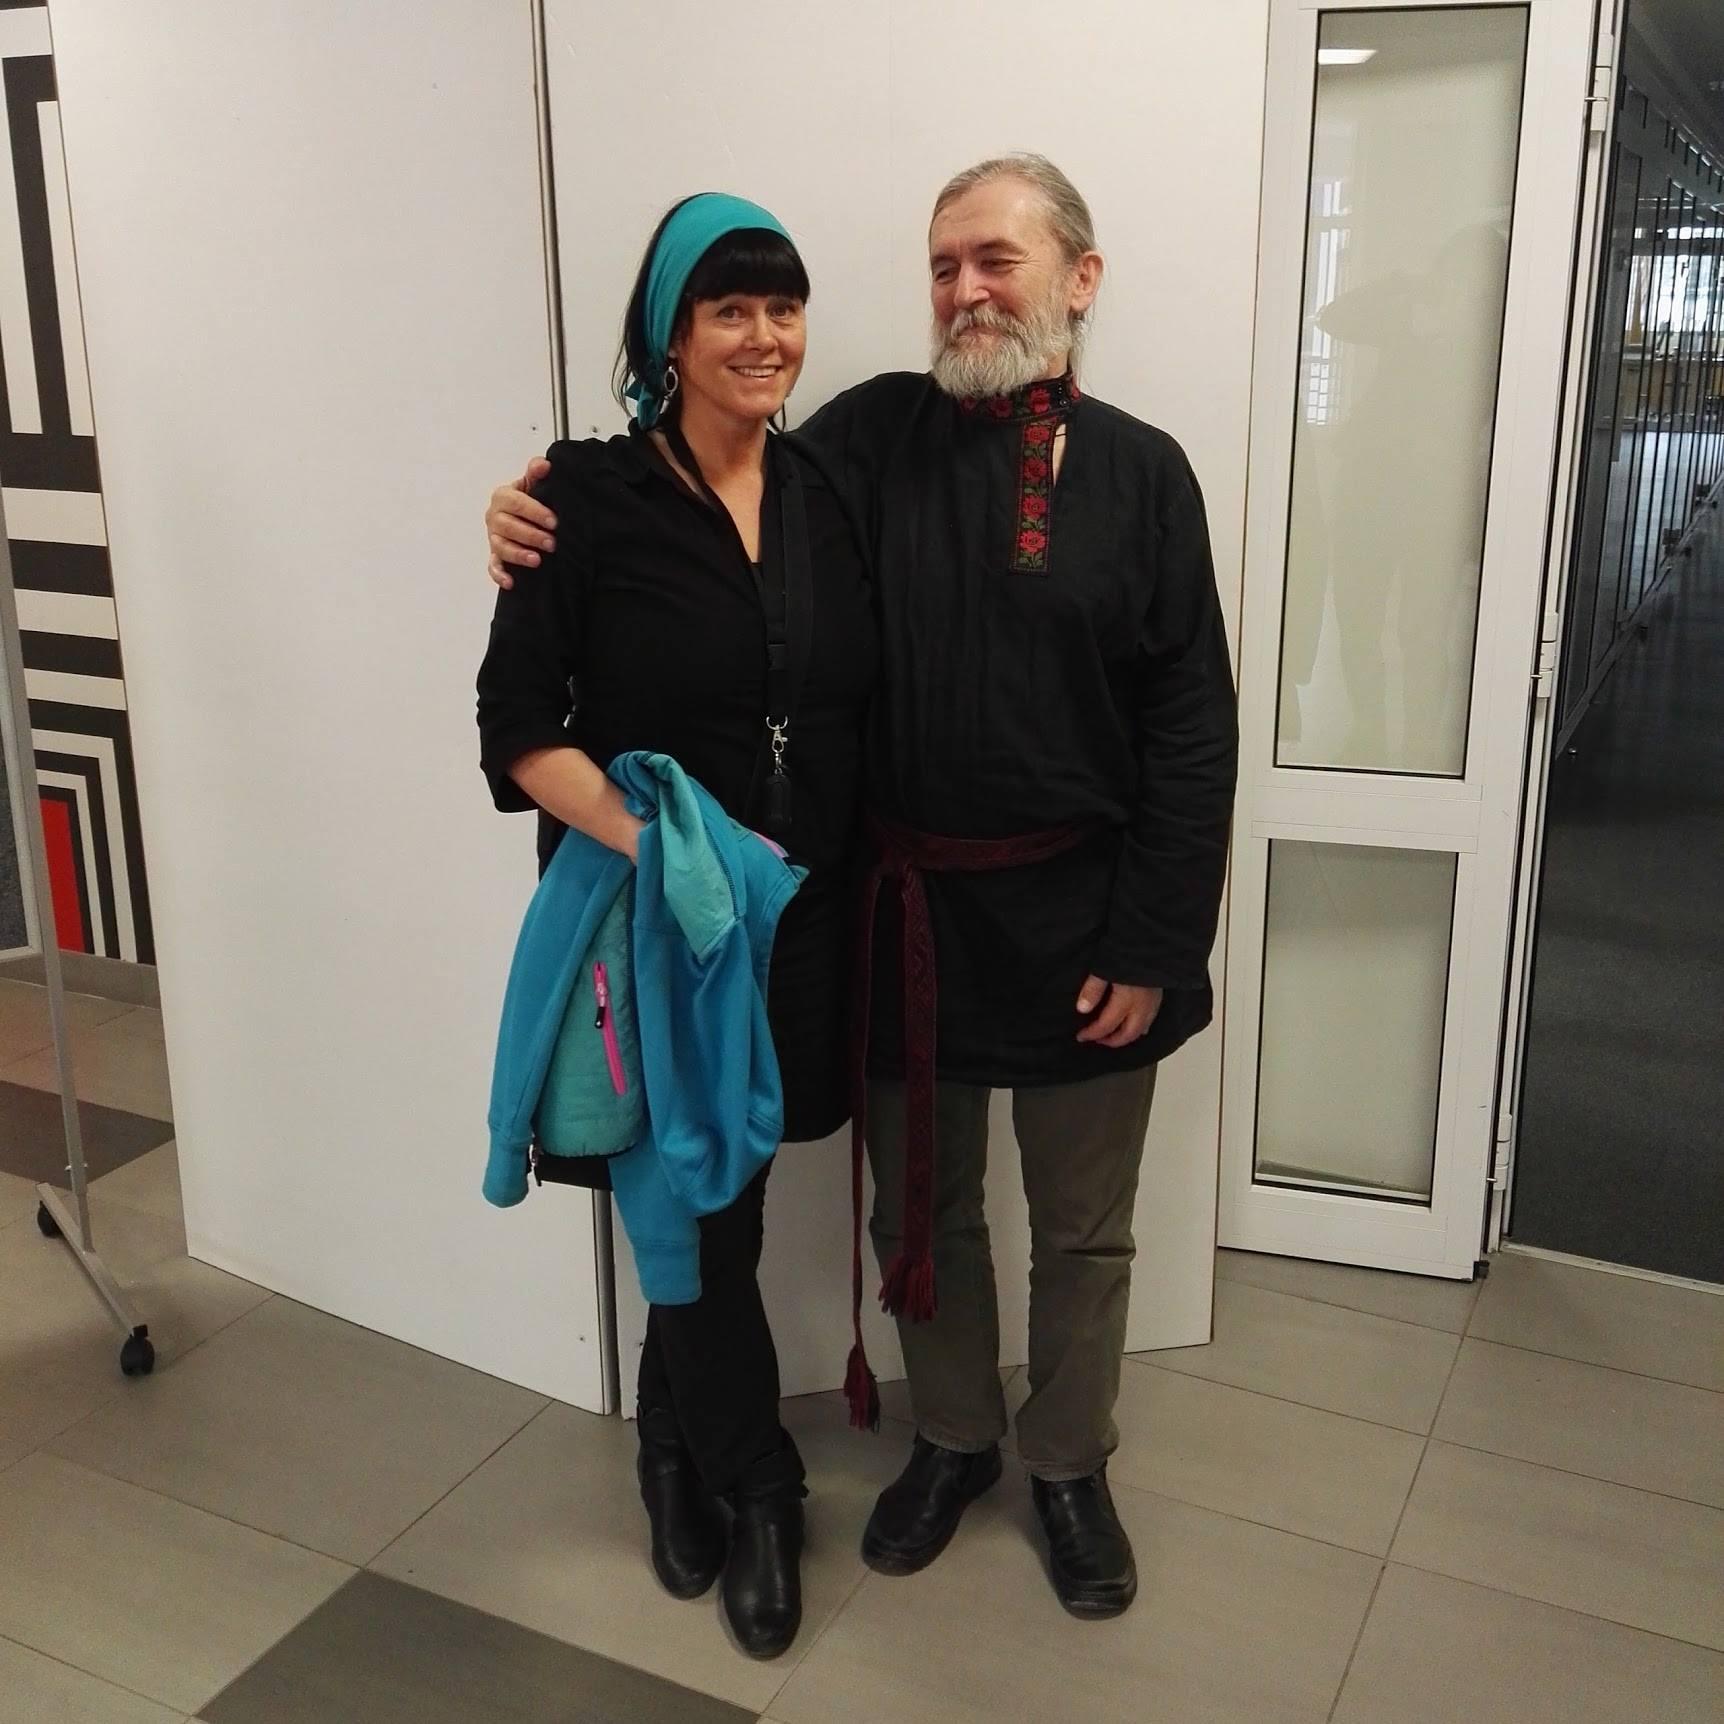 Malin Skinnar och Sergei Olenkin, Riga